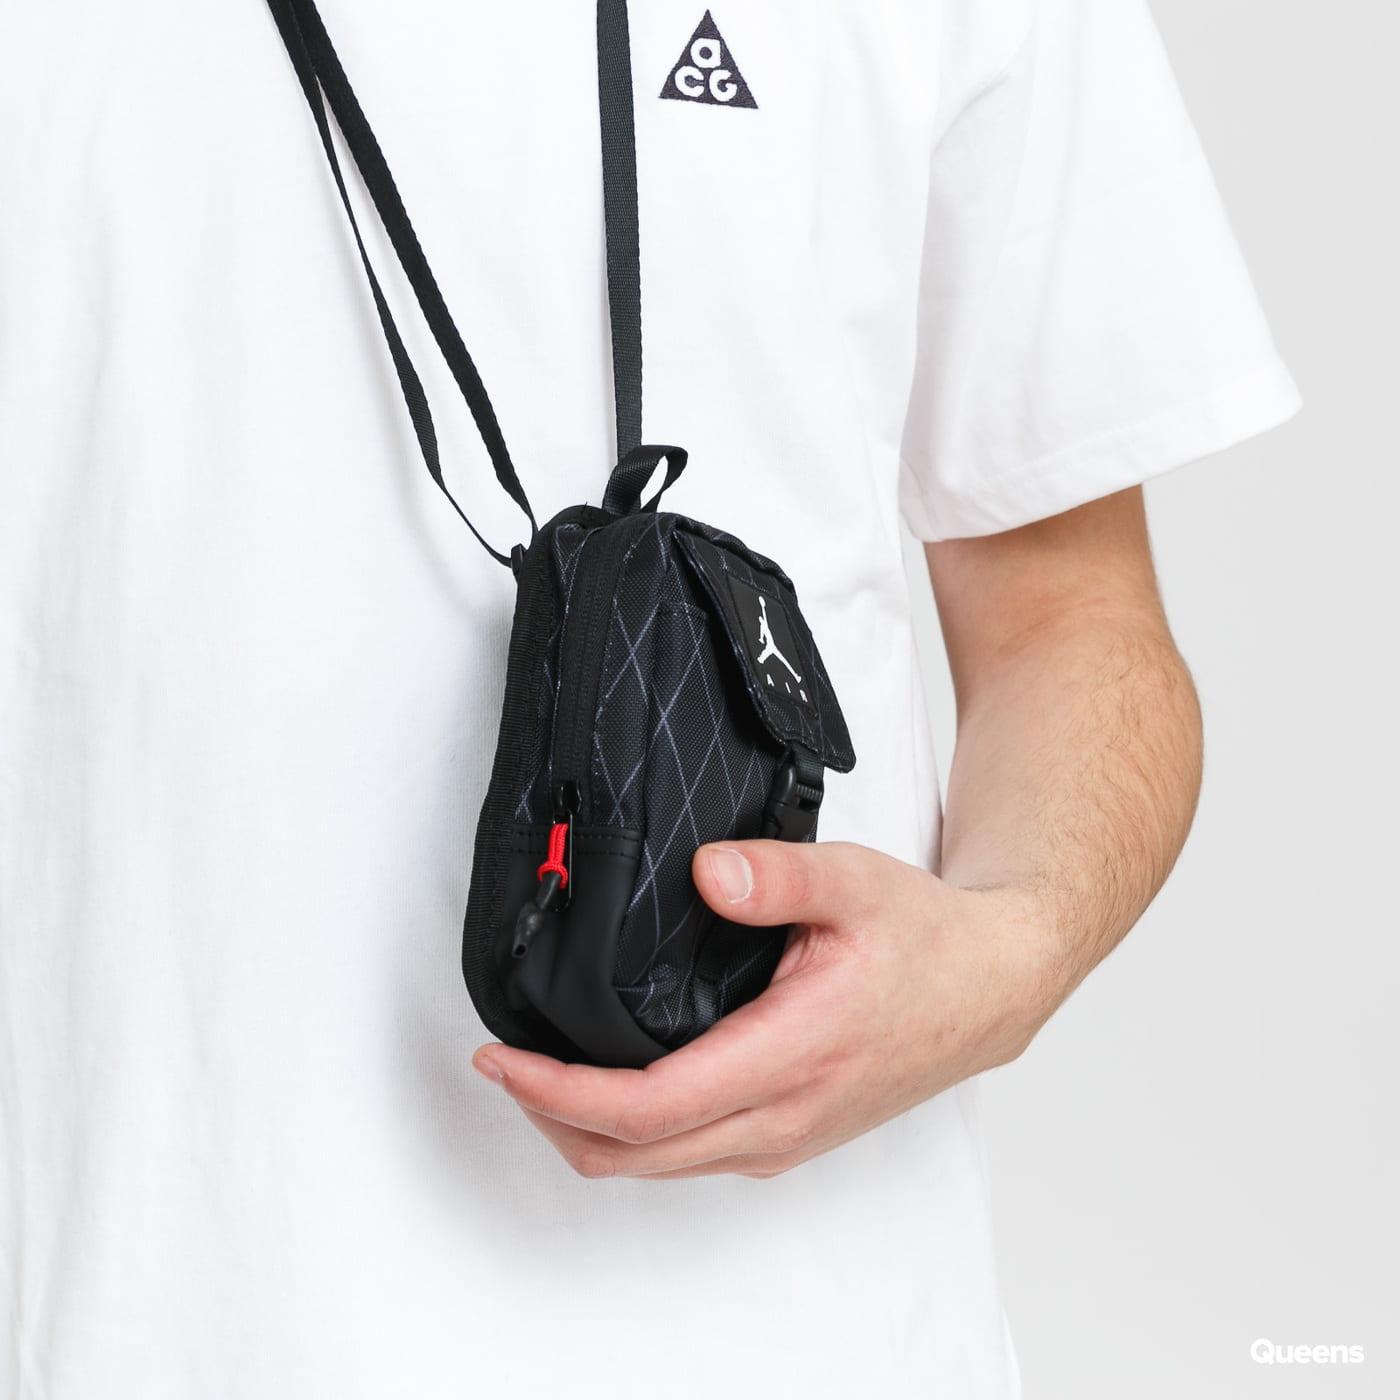 Jordan Anti-Graviti Pouch black / gray